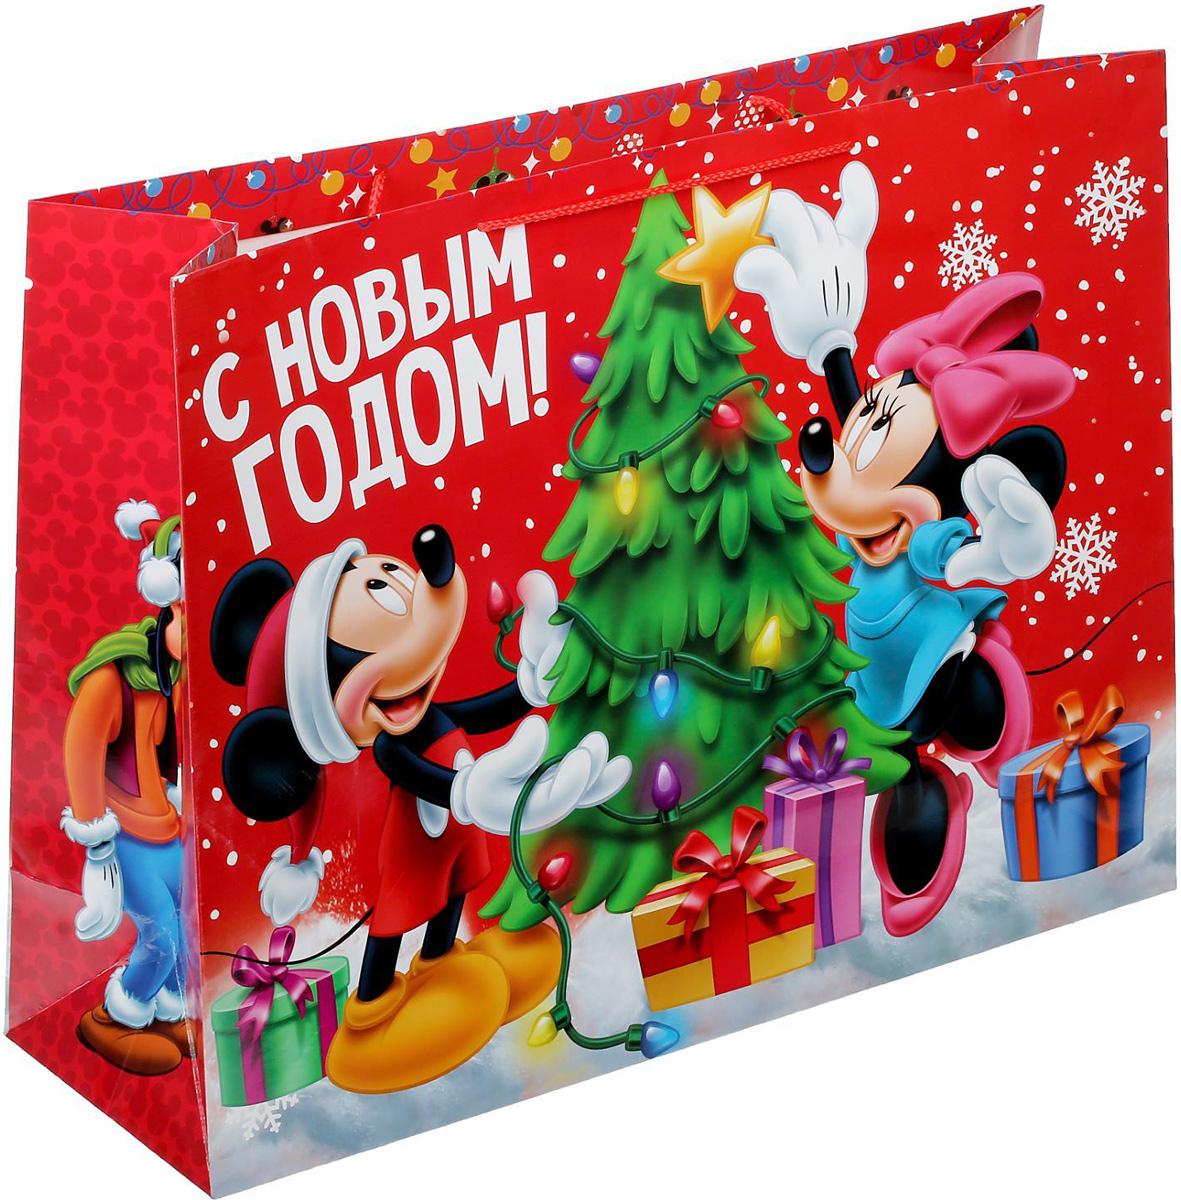 Пакет подарочный Disney Микки Маус и друзья. С Новым Годом!, 61 х 46 х 20 см. 13521161352116Подарочный пакет Disney Микки Маус и друзья. С Новым Годом!, изготовленный из картона, станет незаменимым дополнением к выбранному подарку. Для удобной переноски на пакете имеются две ручки. Подарок, преподнесенный в оригинальной упаковке, всегда будет самымэффектным и запоминающимся. Окружите близких людей вниманием и заботой, вручив презент в нарядном, праздничном оформлении.